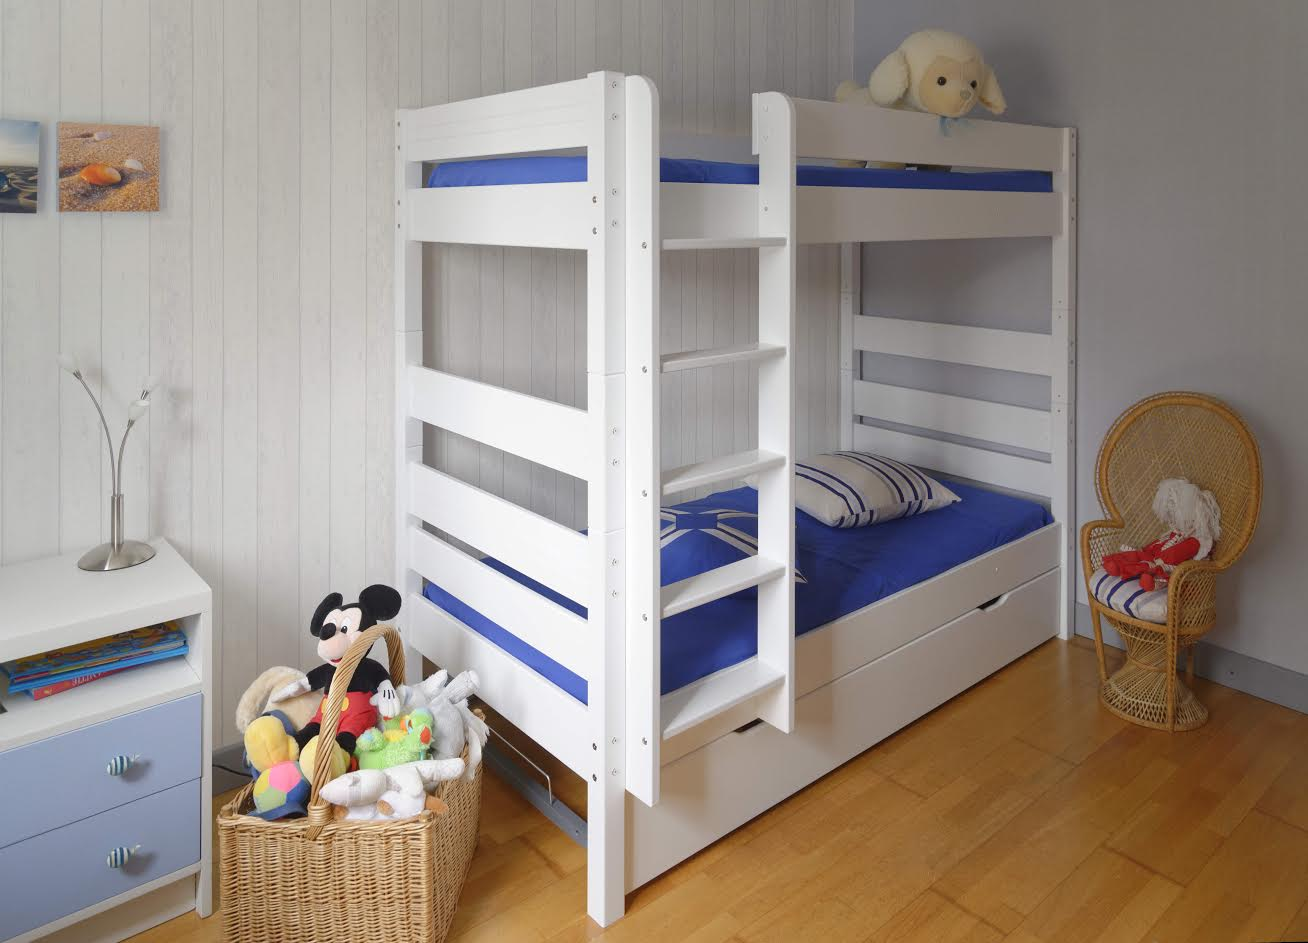 lit superpos kids blanc 90x190 cm avec sommier gigogne. Black Bedroom Furniture Sets. Home Design Ideas